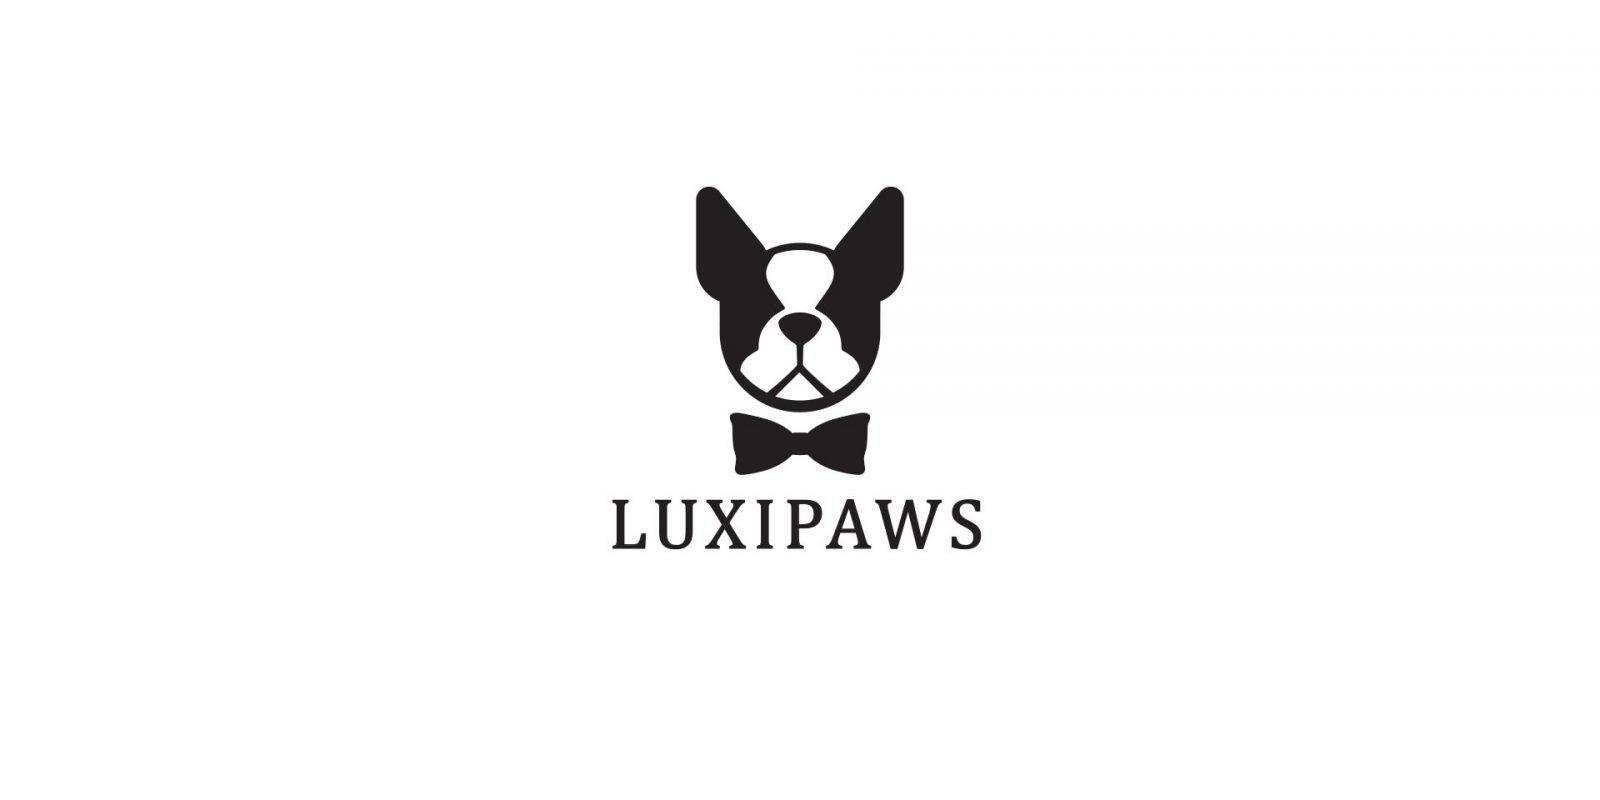 Luipaws-logo